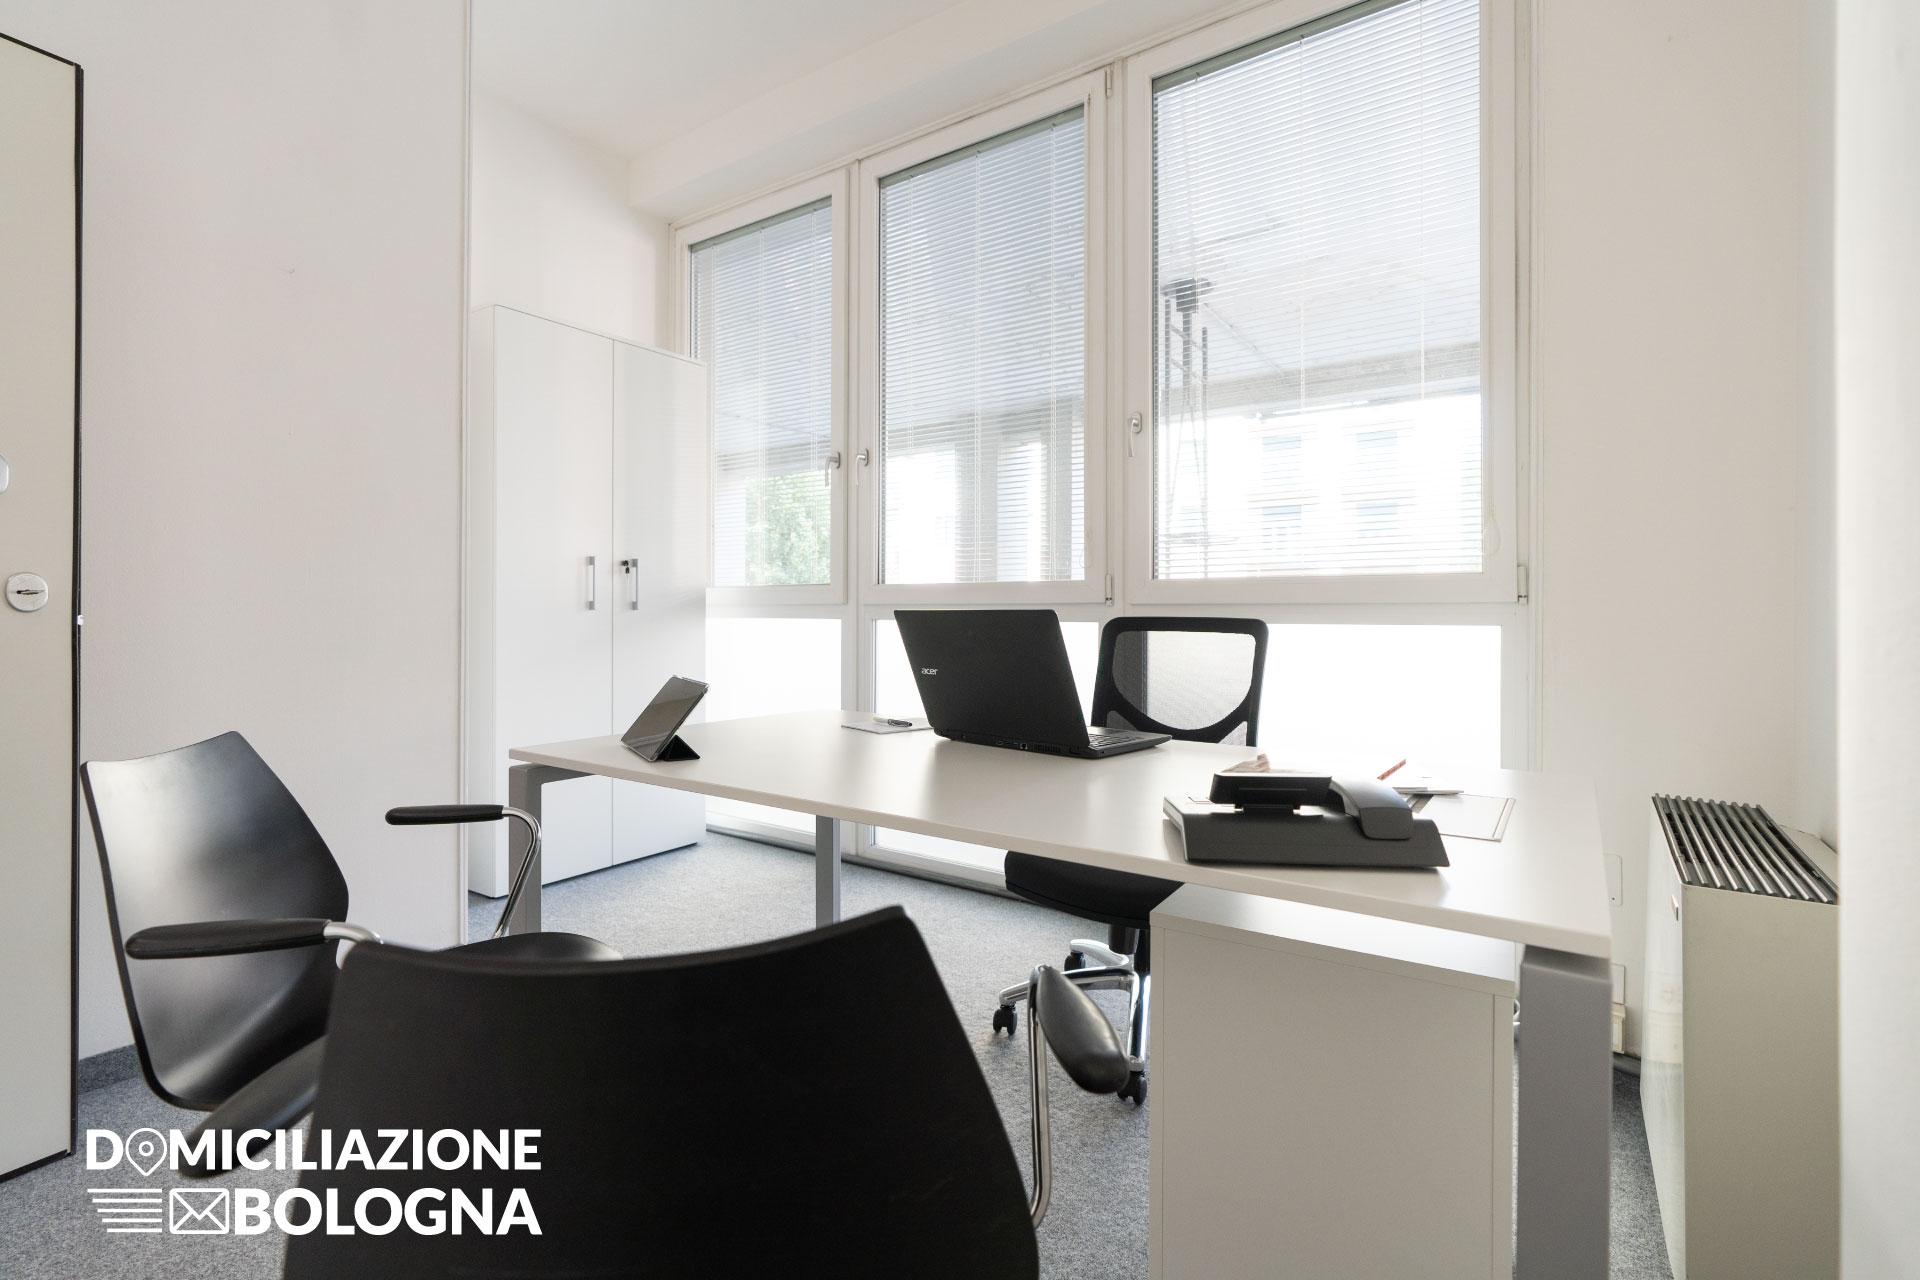 Noleggio ufficio temporaneo ad ore a Bologna ...